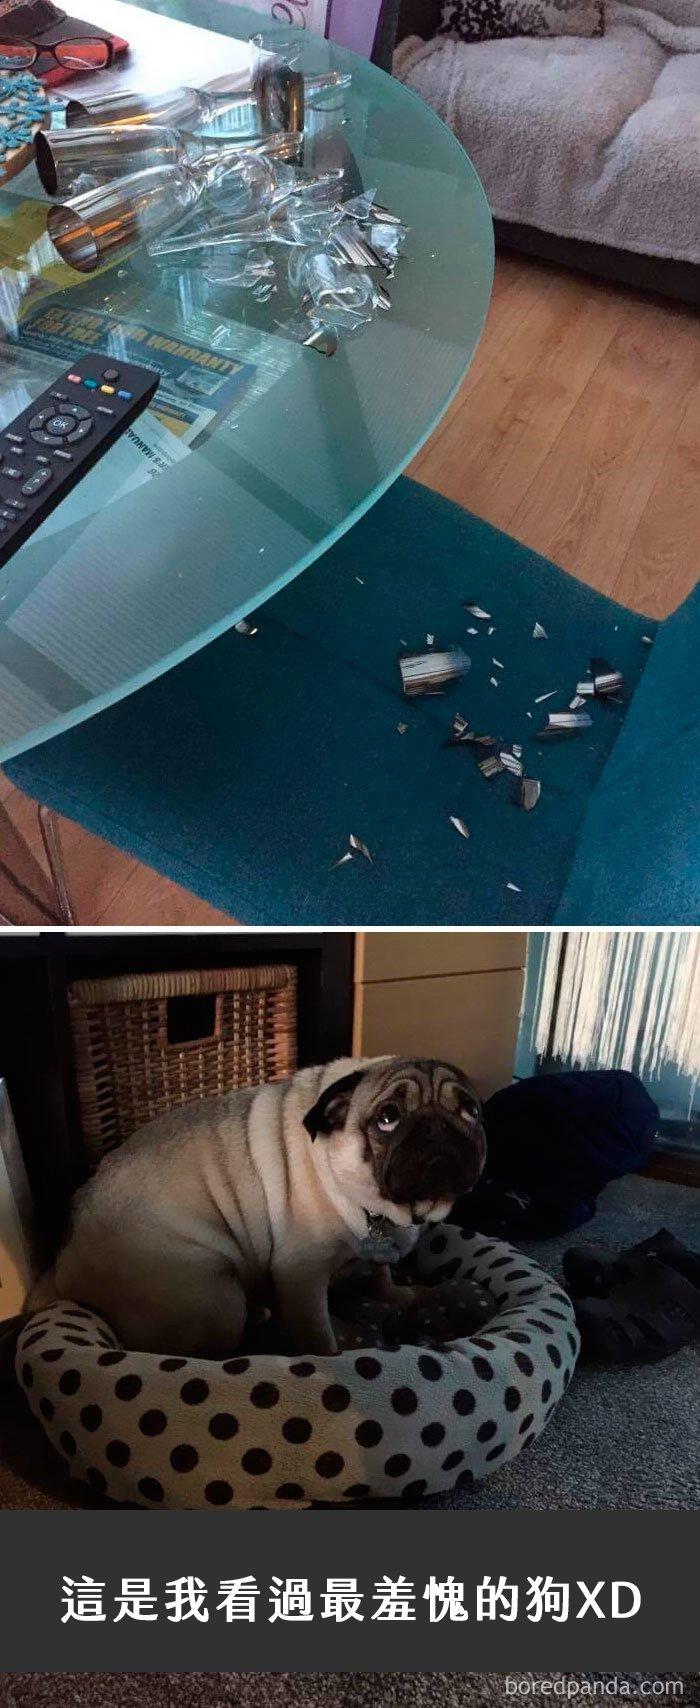 dogs-funny-snapchats-108-5a325156e4f50__700